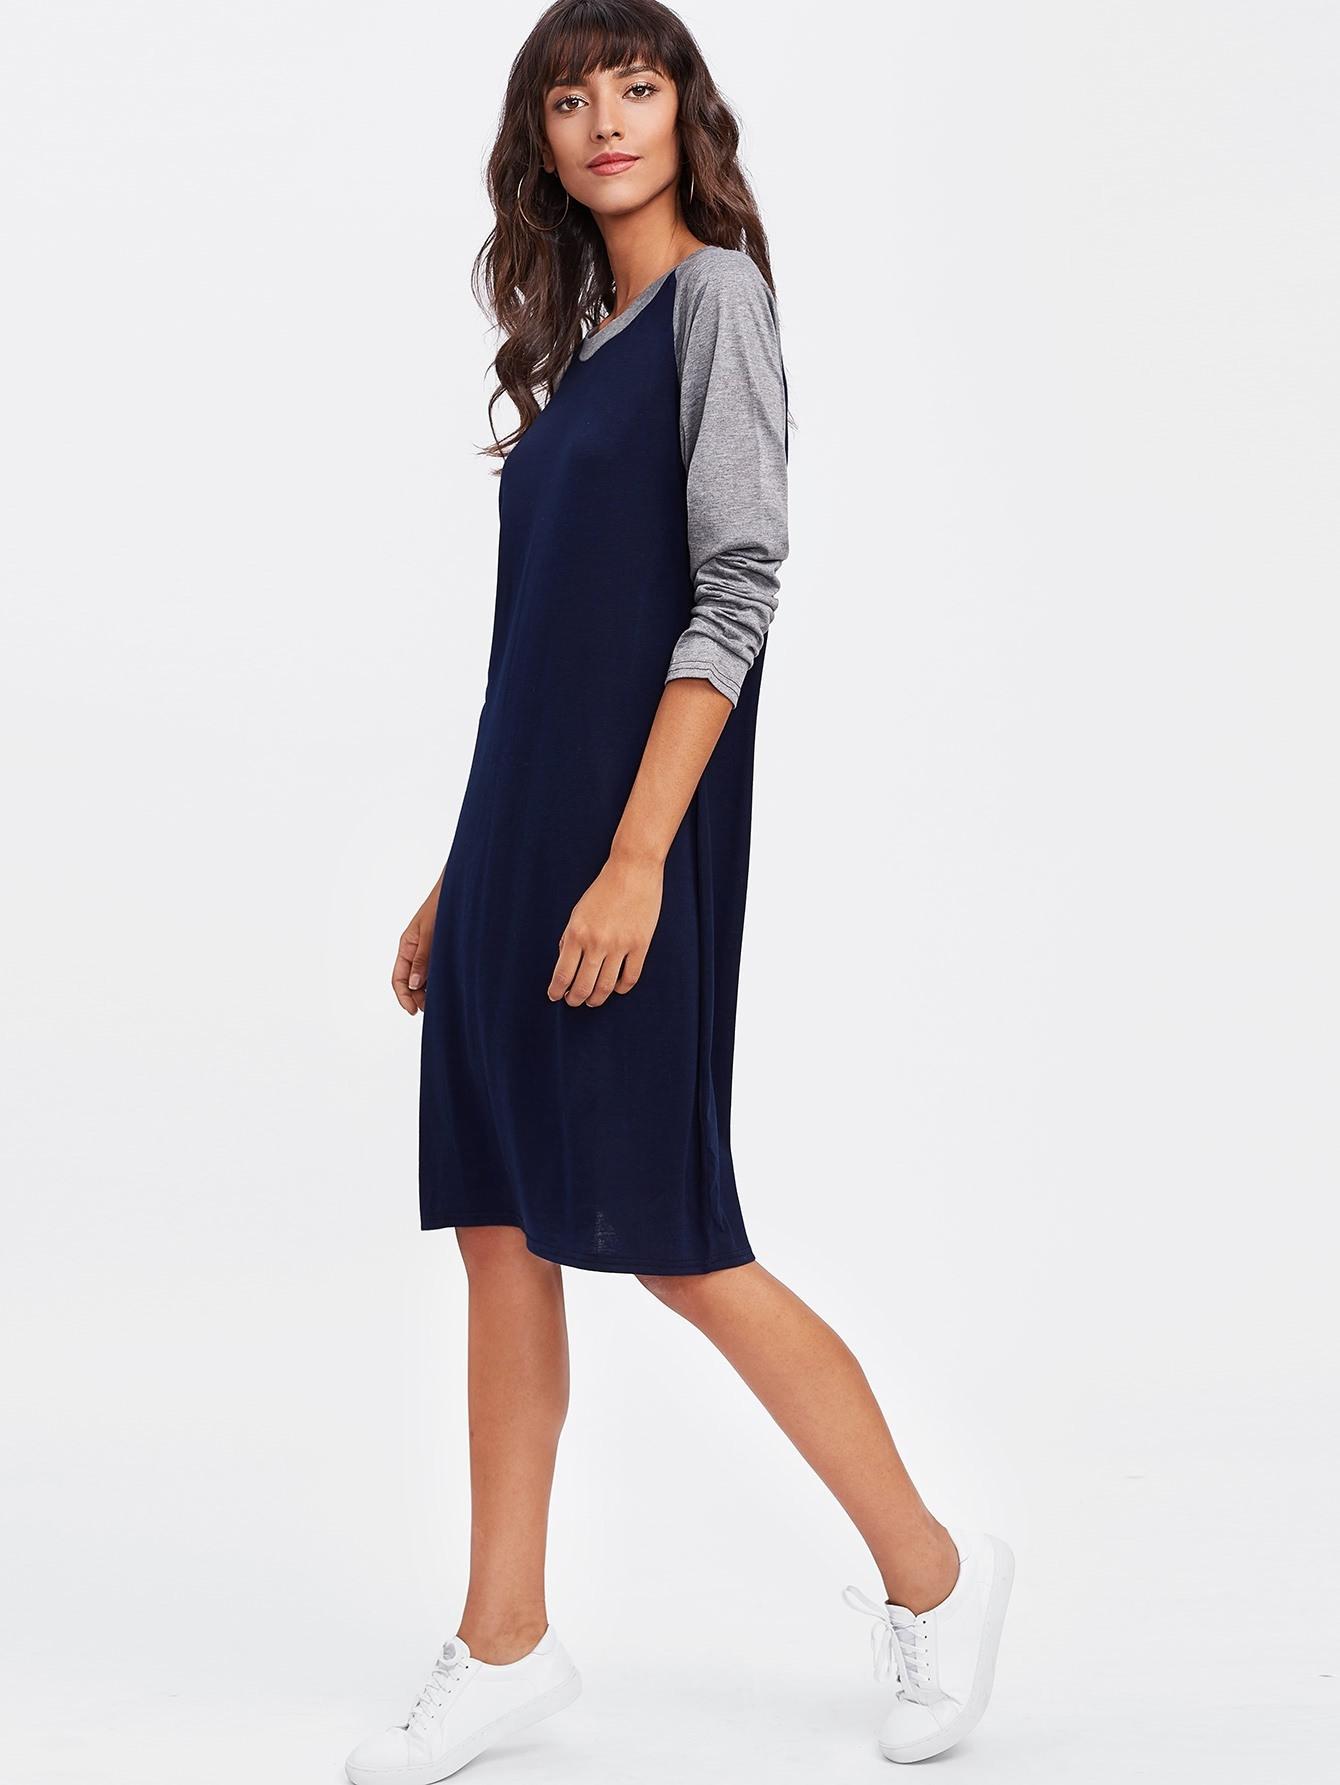 Abend Schön Kleid Kniebedeckt Boutique10 Großartig Kleid Kniebedeckt Boutique